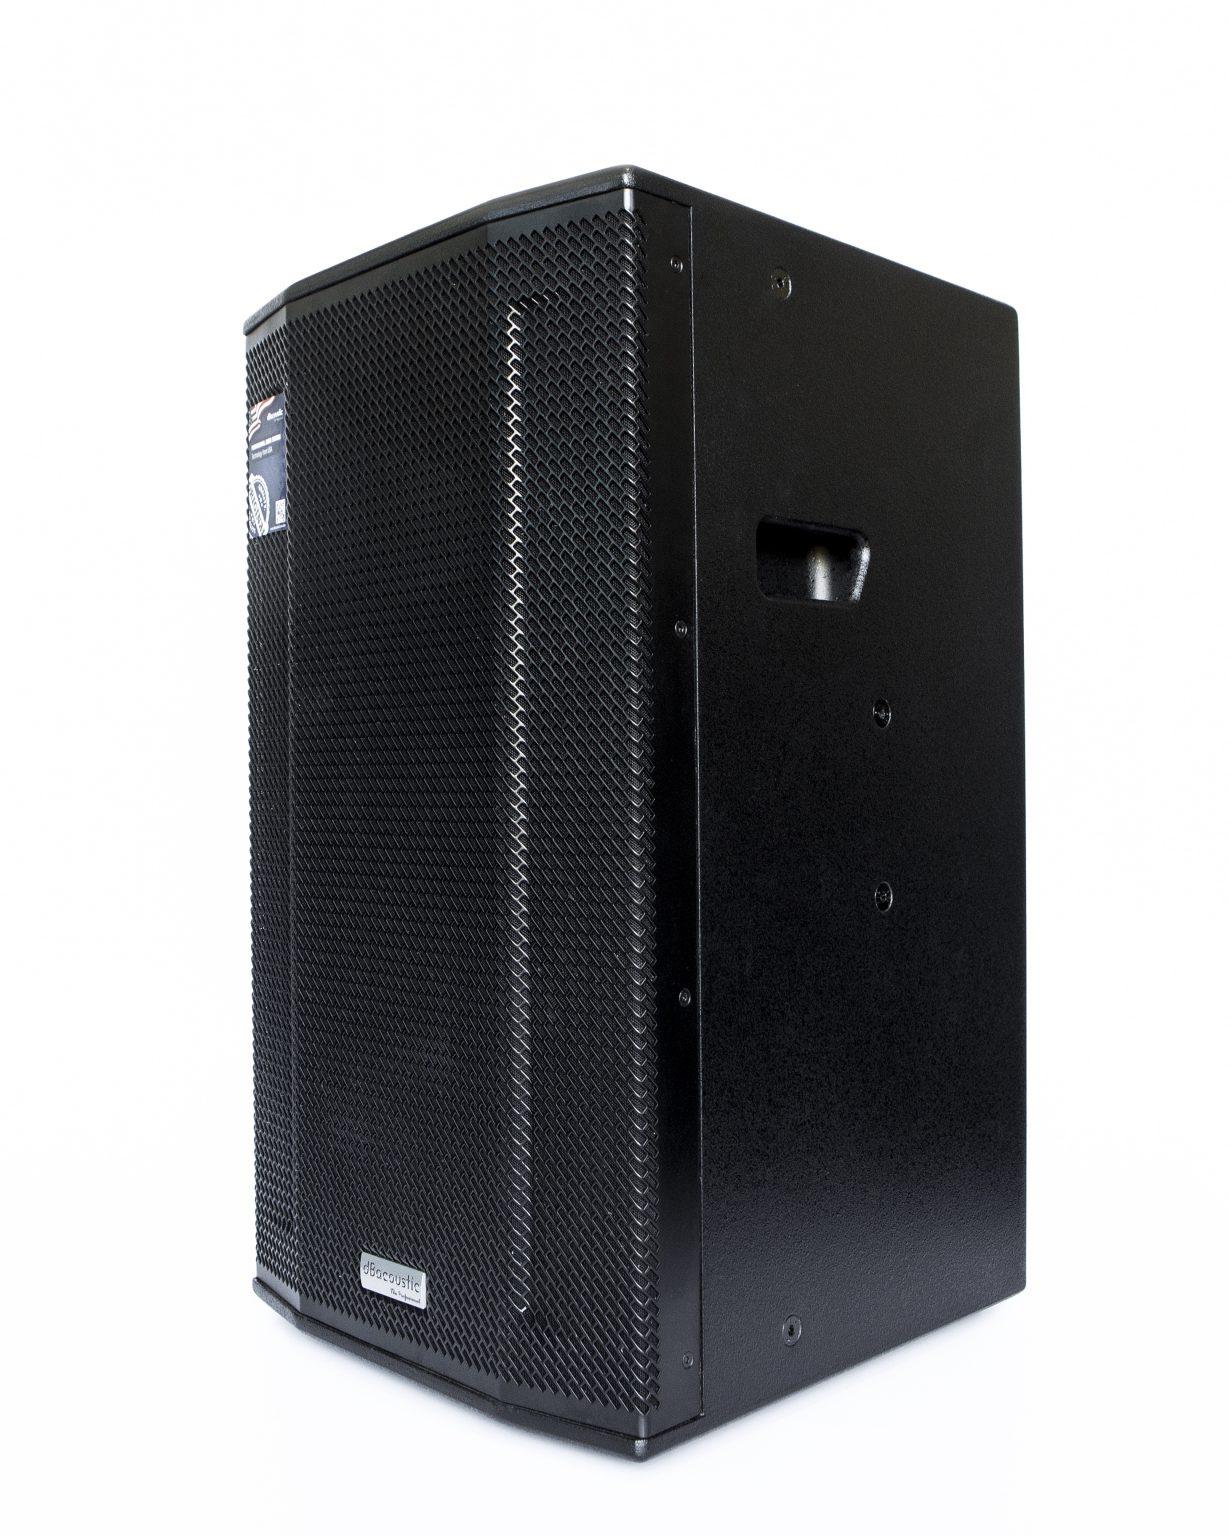 Loa Full dBacoustic DK12 - Hàng Chính Hãng (BASS 30CM + Công suất 350W) - Loa Karaoke chuyên nghiệp